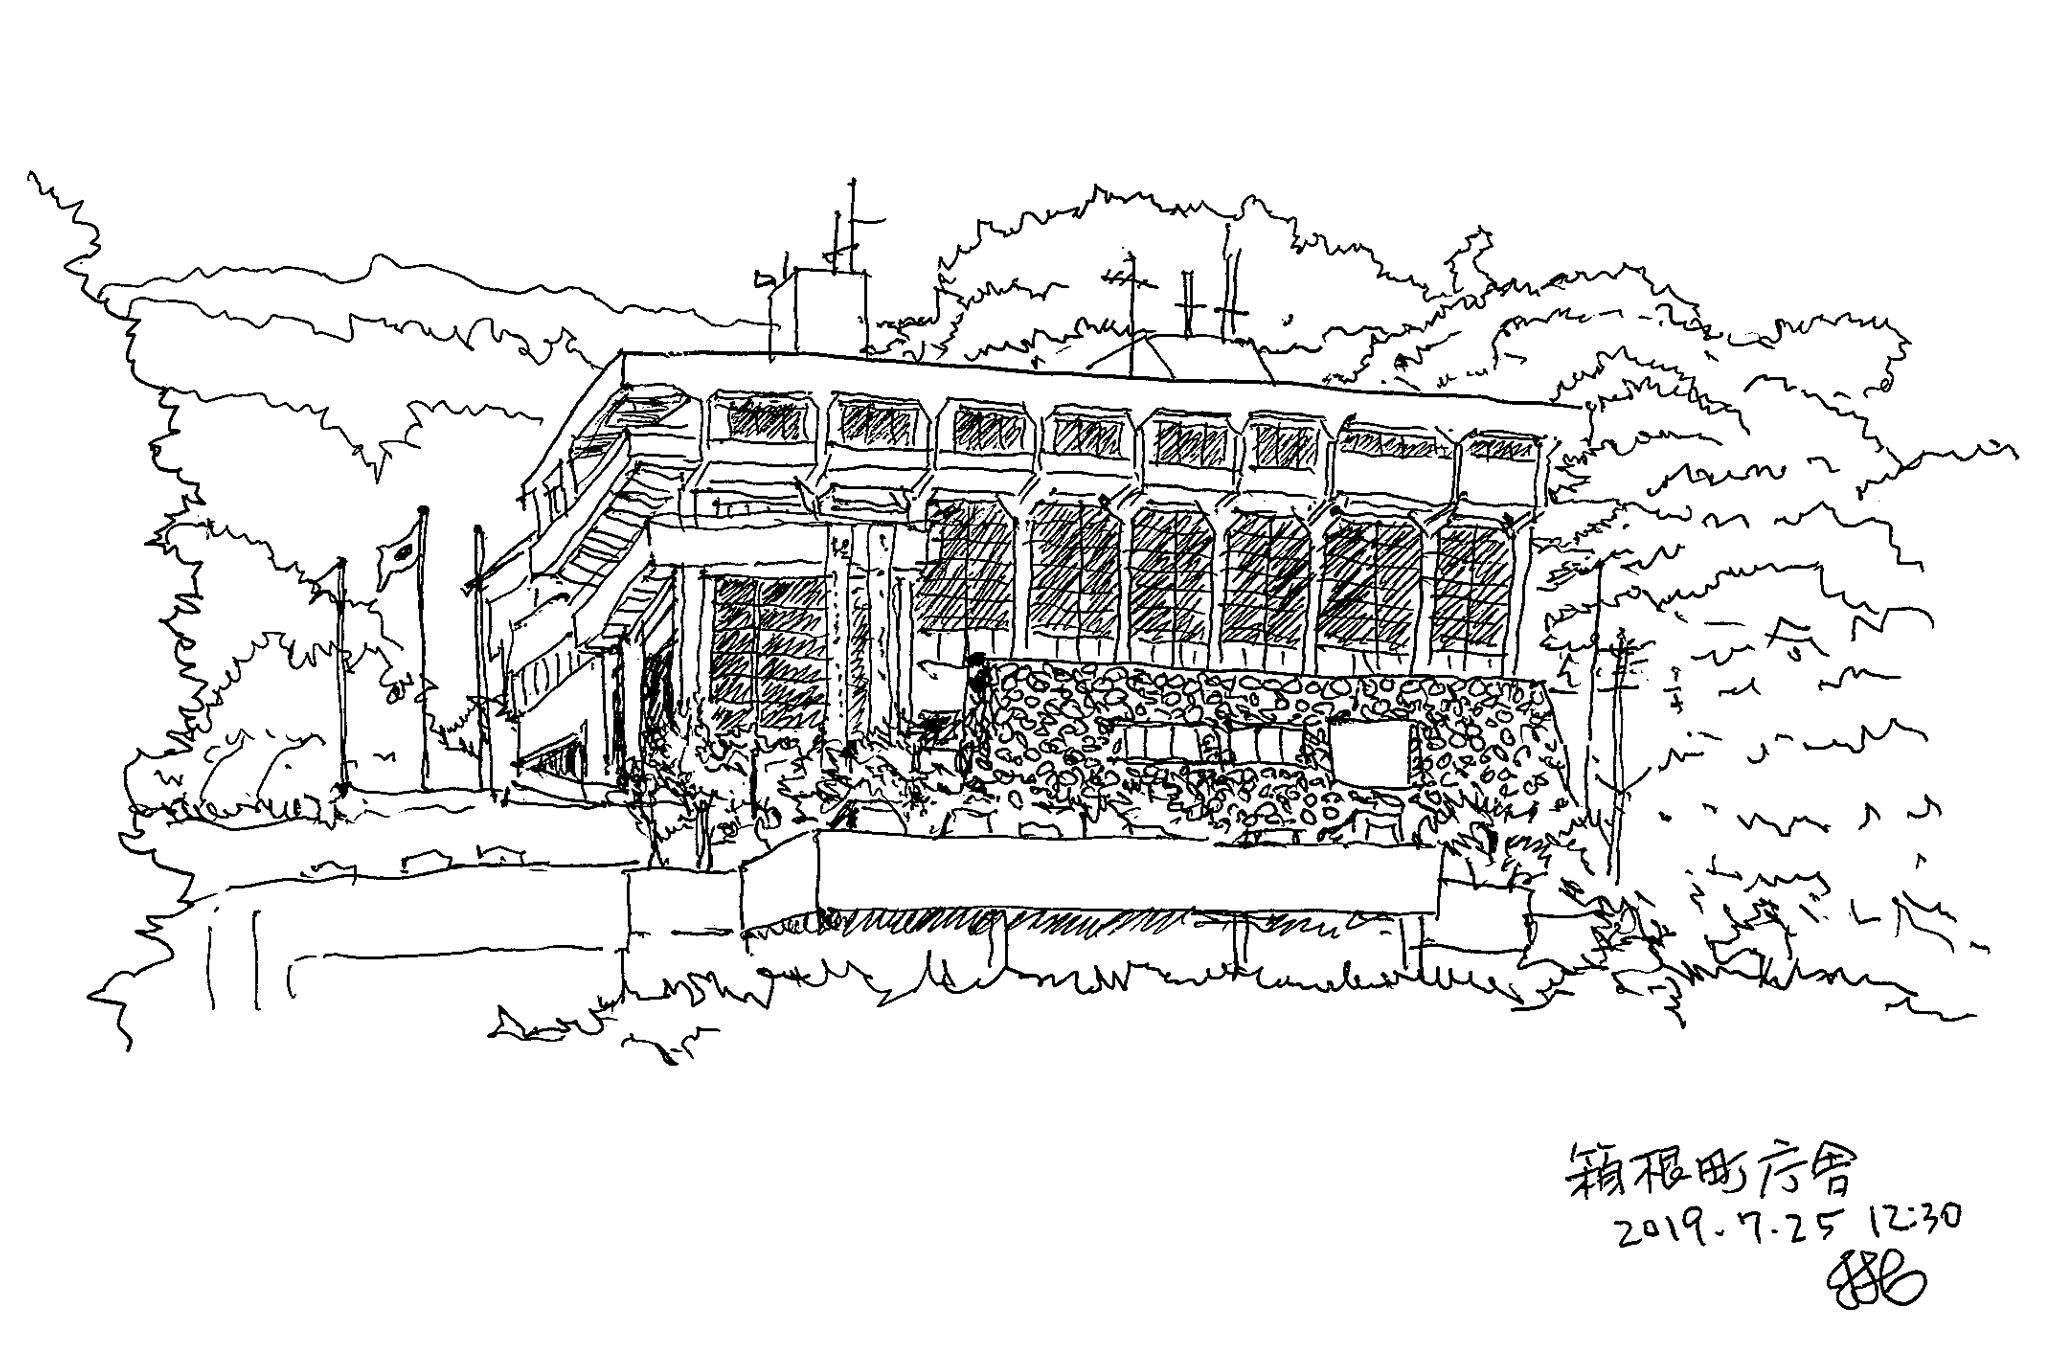 まちの中の建築スケッチ 神田順 箱根町役場 箱根町庁舎